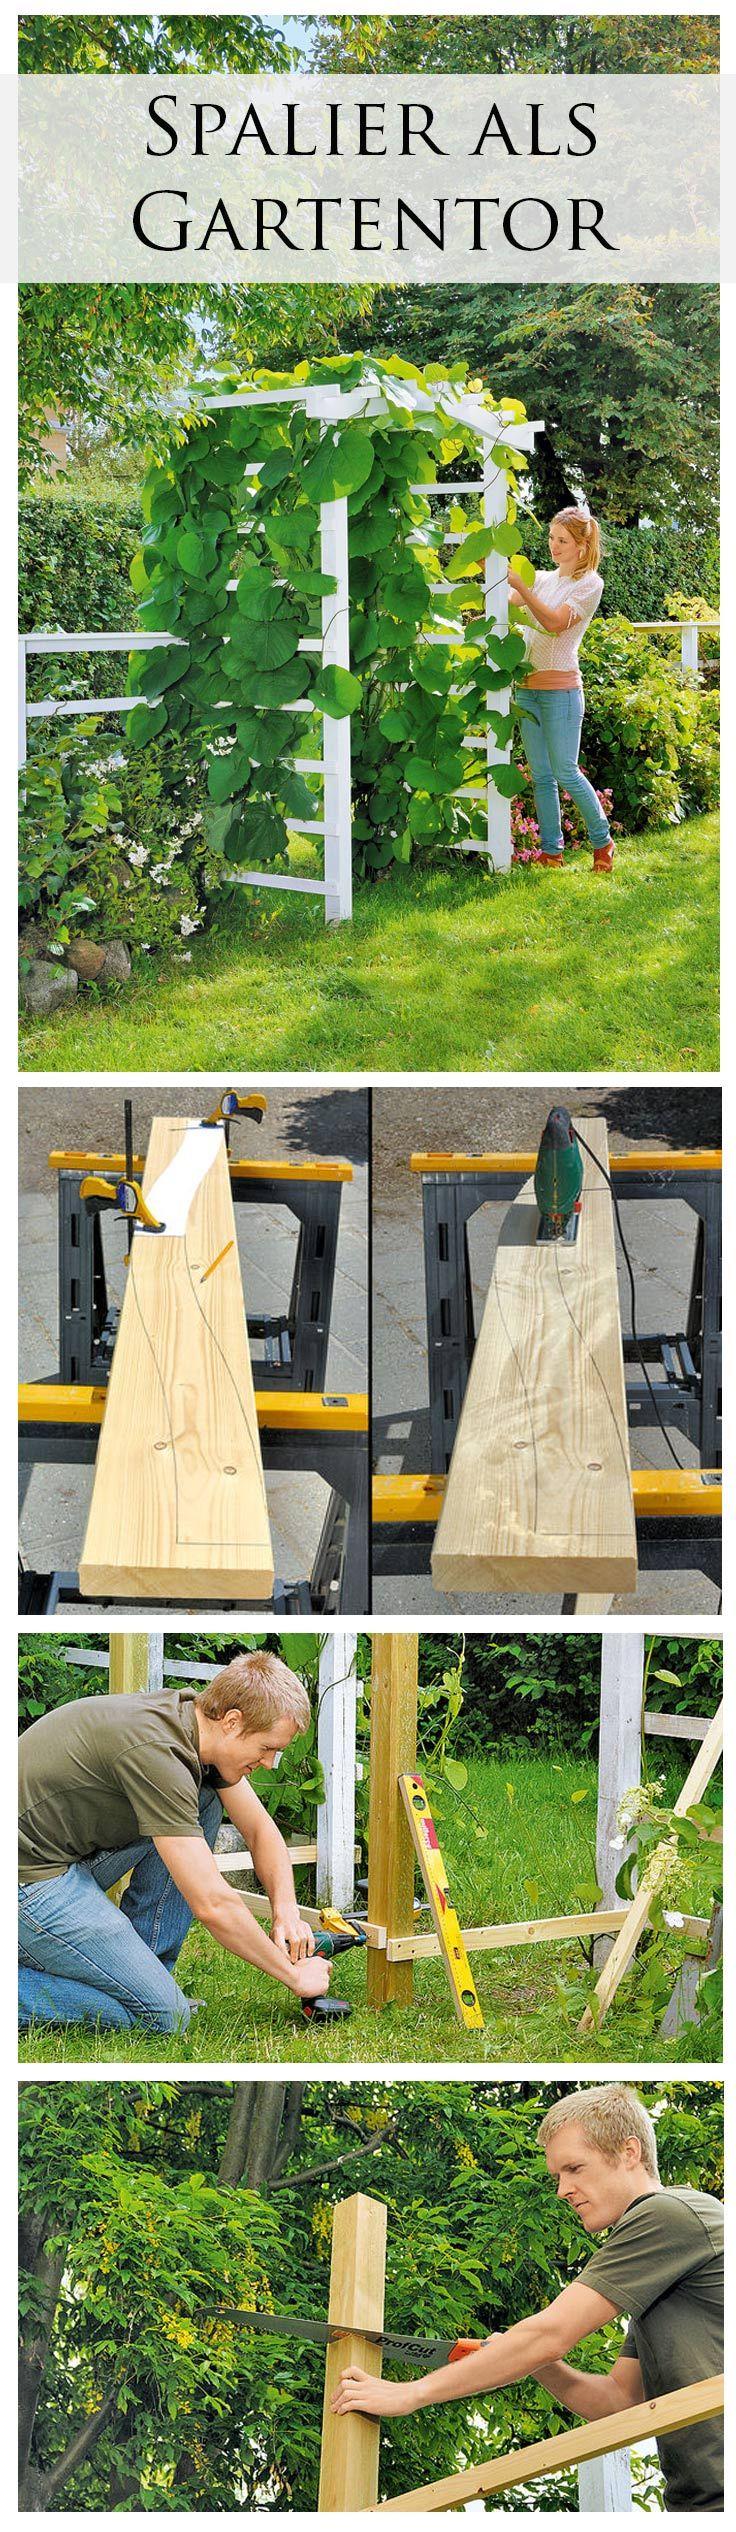 die besten 17 ideen zu zaunpfosten auf pinterest zaun fechten und zaun ideen. Black Bedroom Furniture Sets. Home Design Ideas